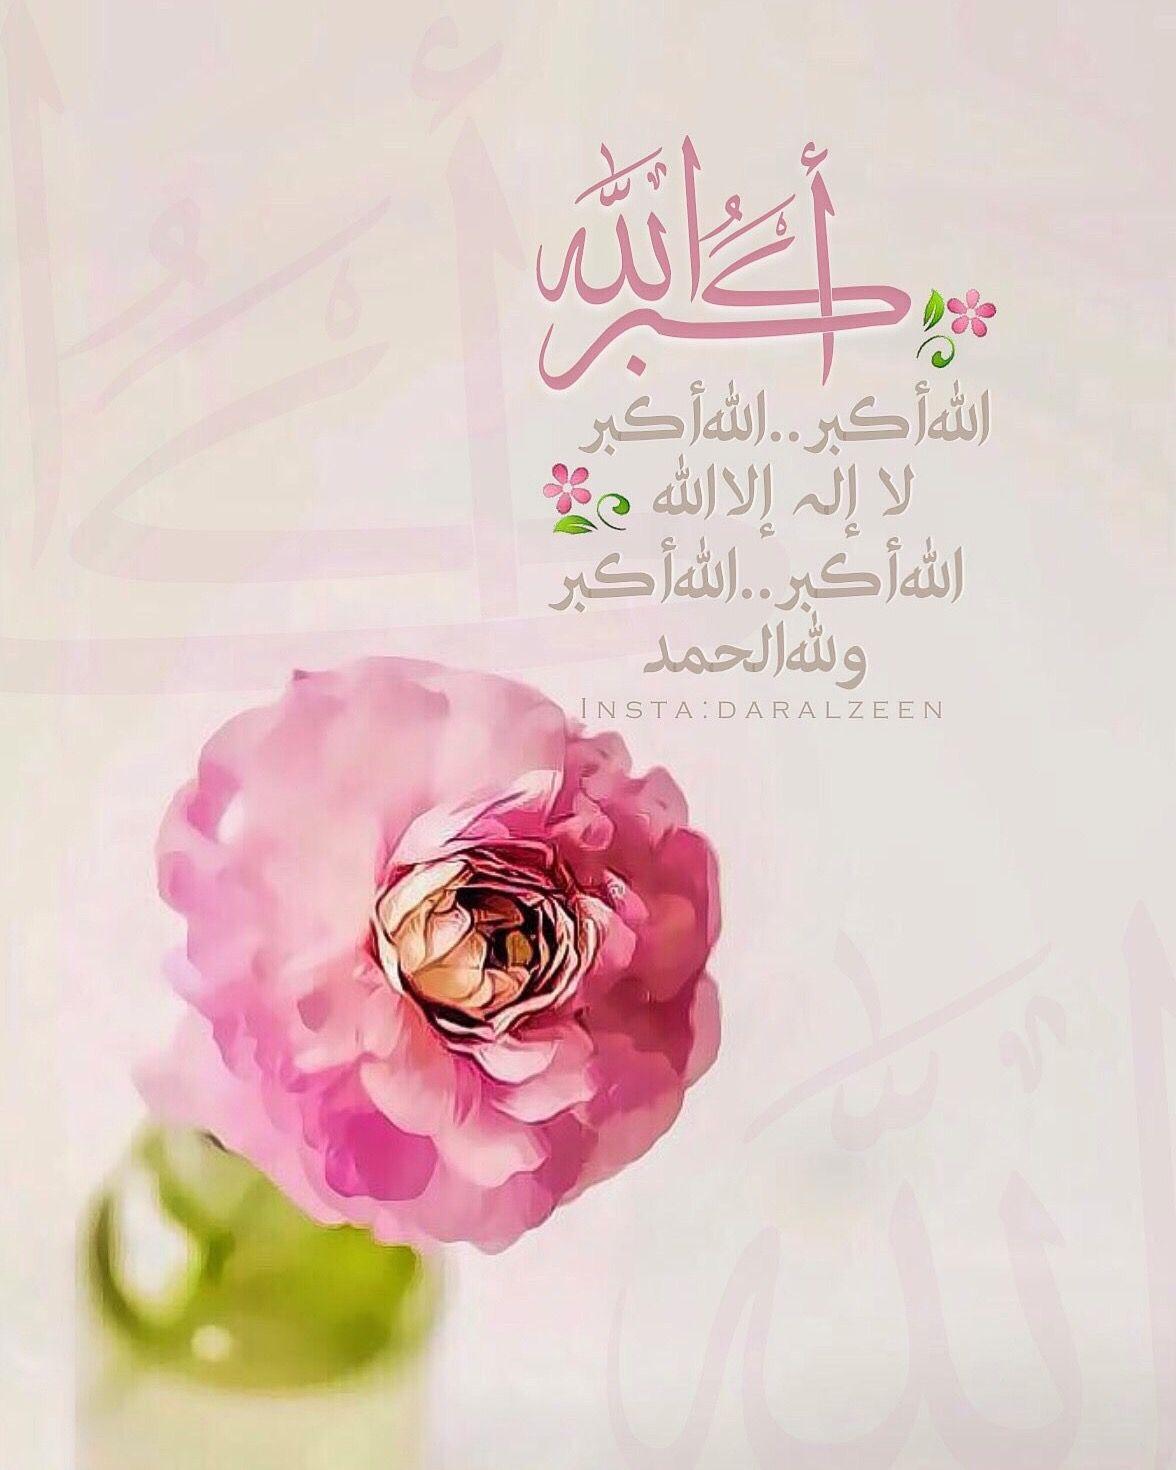 الله أكبرالله أكبر لا إله إلا الله الله أكبر الله أكبر ولله الحمد Eid Cards Happy Eid Eid Ul Azha